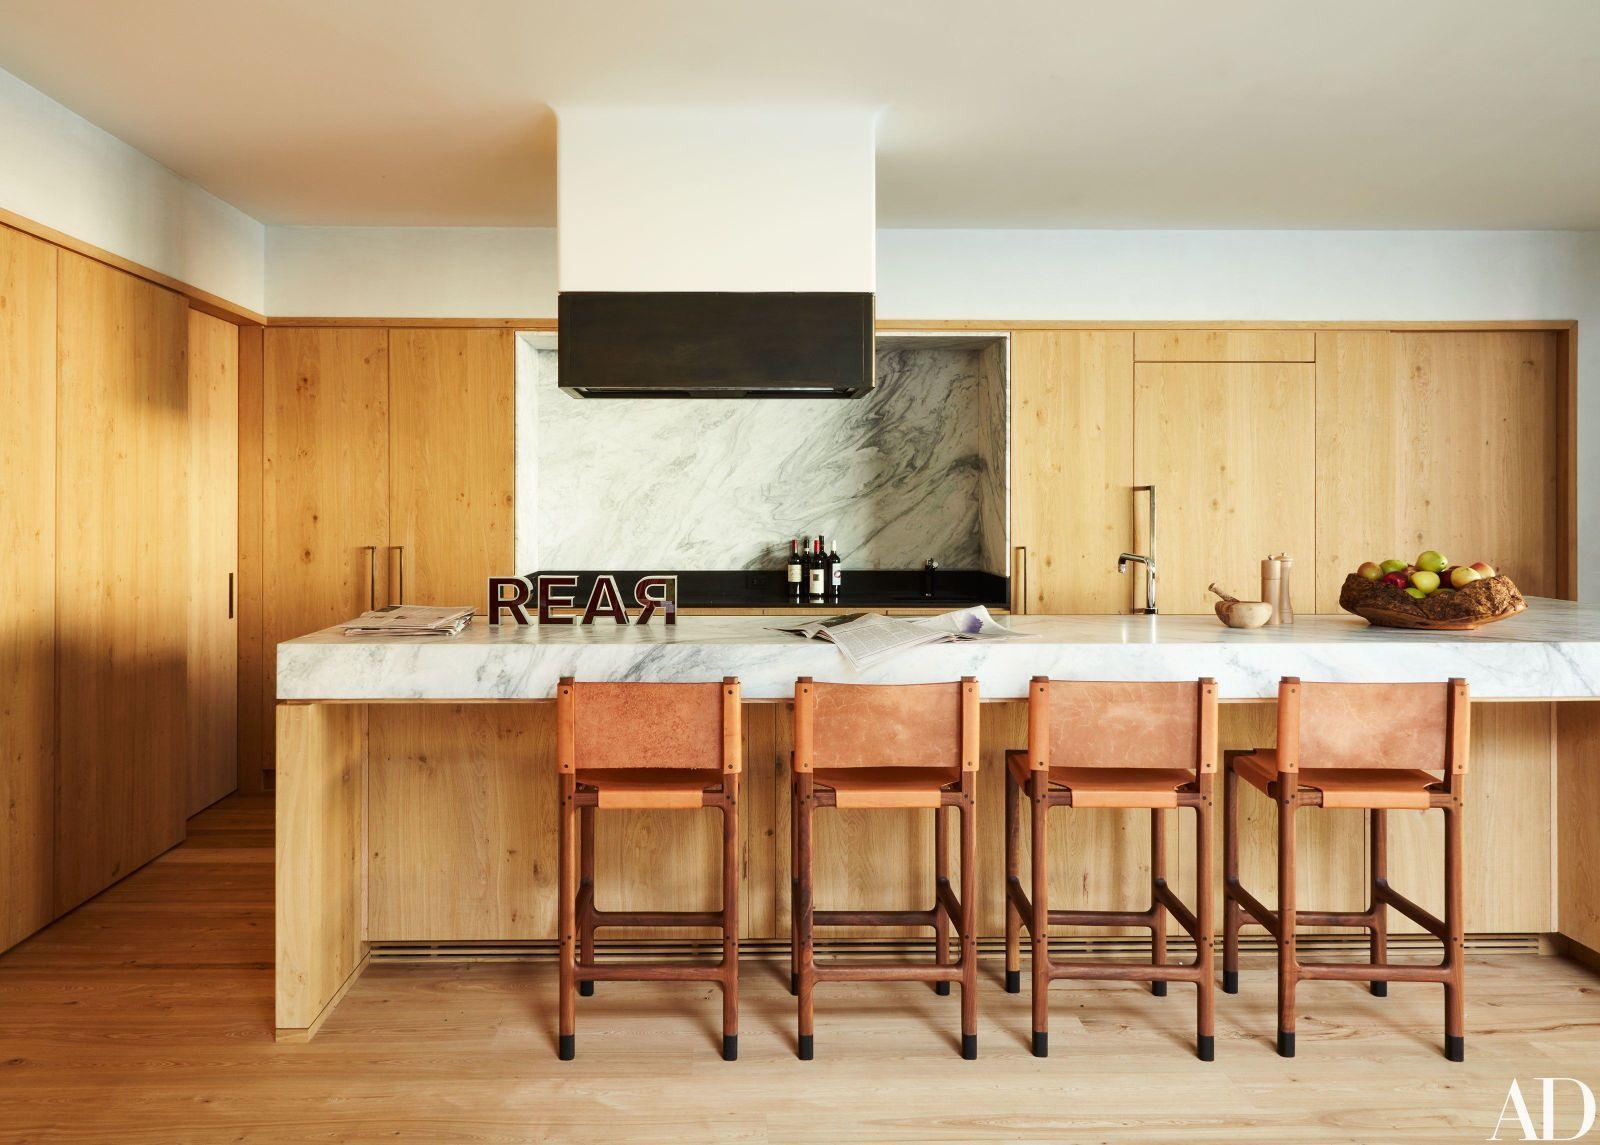 Image Result For Douglas Fir Cabinets Architectural Digest Kitchen Contemporary Kitchen Modern Kitchen Design